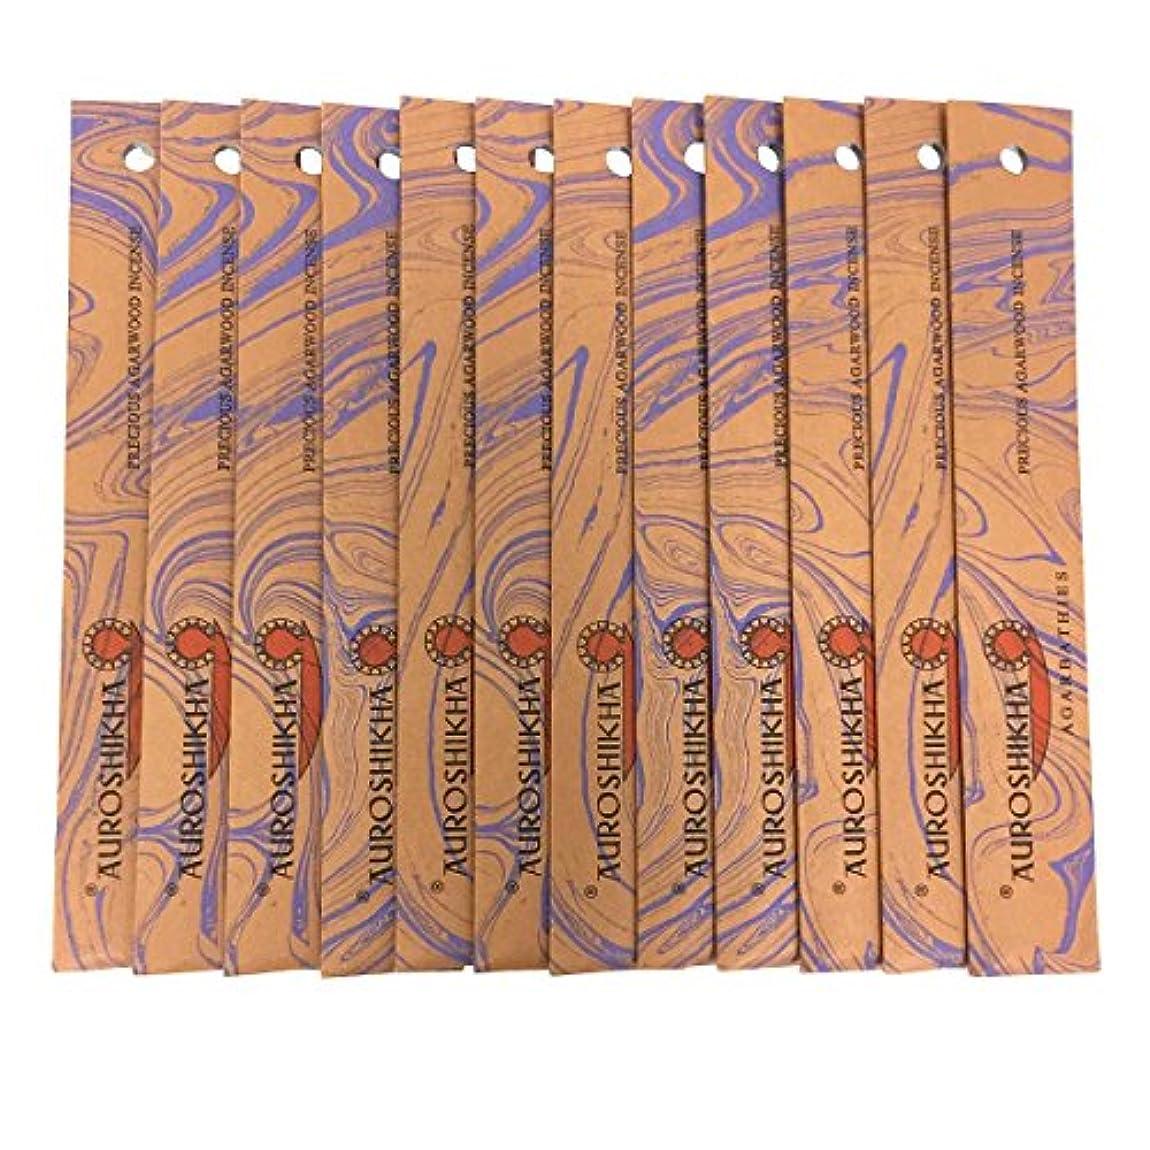 保証同級生蒸気AUROSHIKHA オウロシカ(PRECIOUSAGARWOODプレシャスアガーウッド12個セット) マーブルパッケージスティック 送料無料